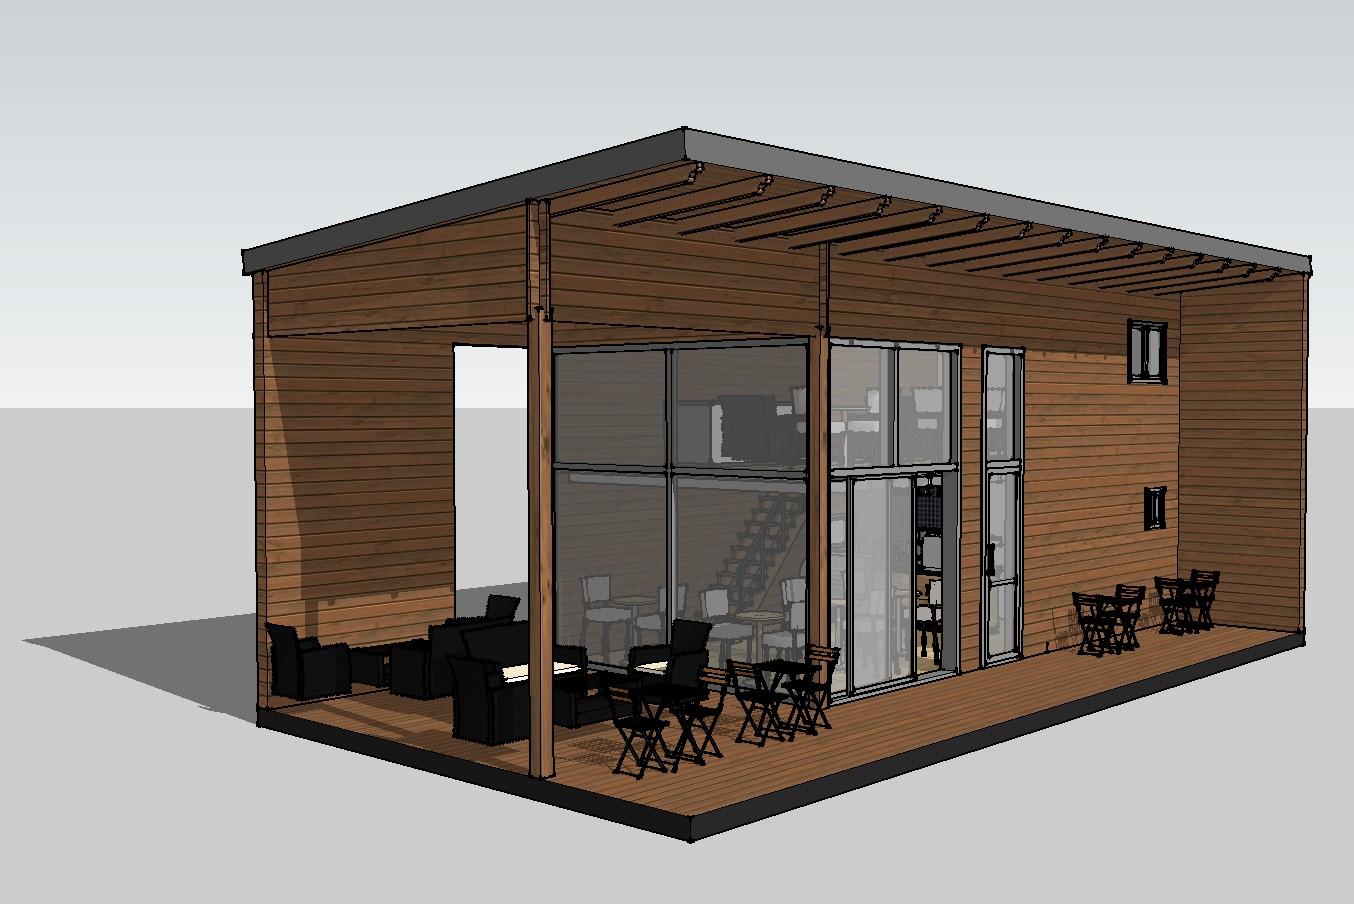 Two-level restaurant building 3d model cad drawing details skp file